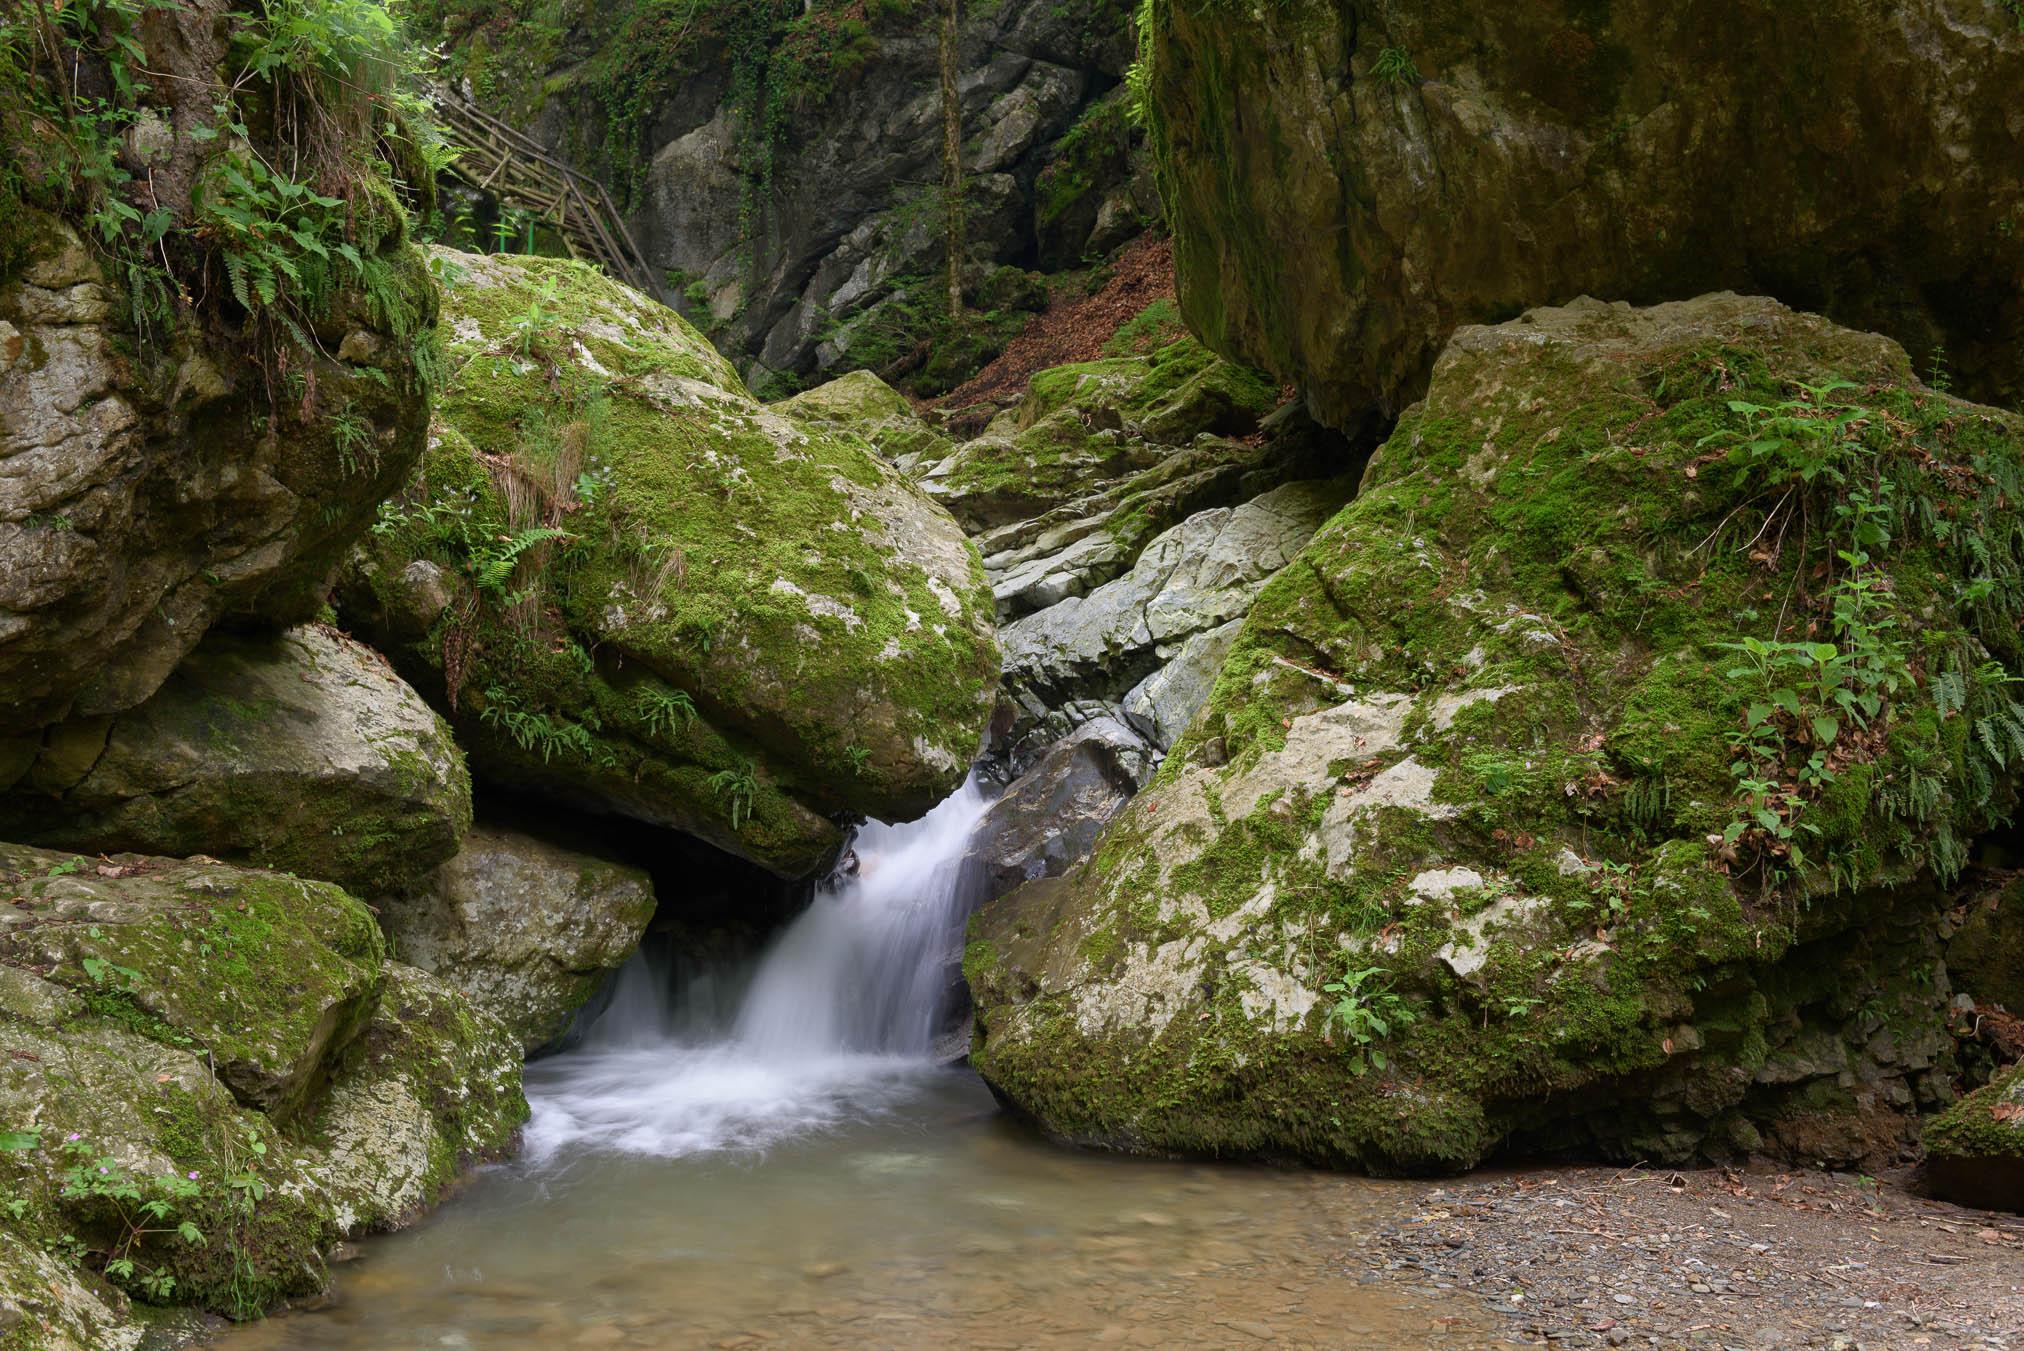 Kesselfälle, Austria